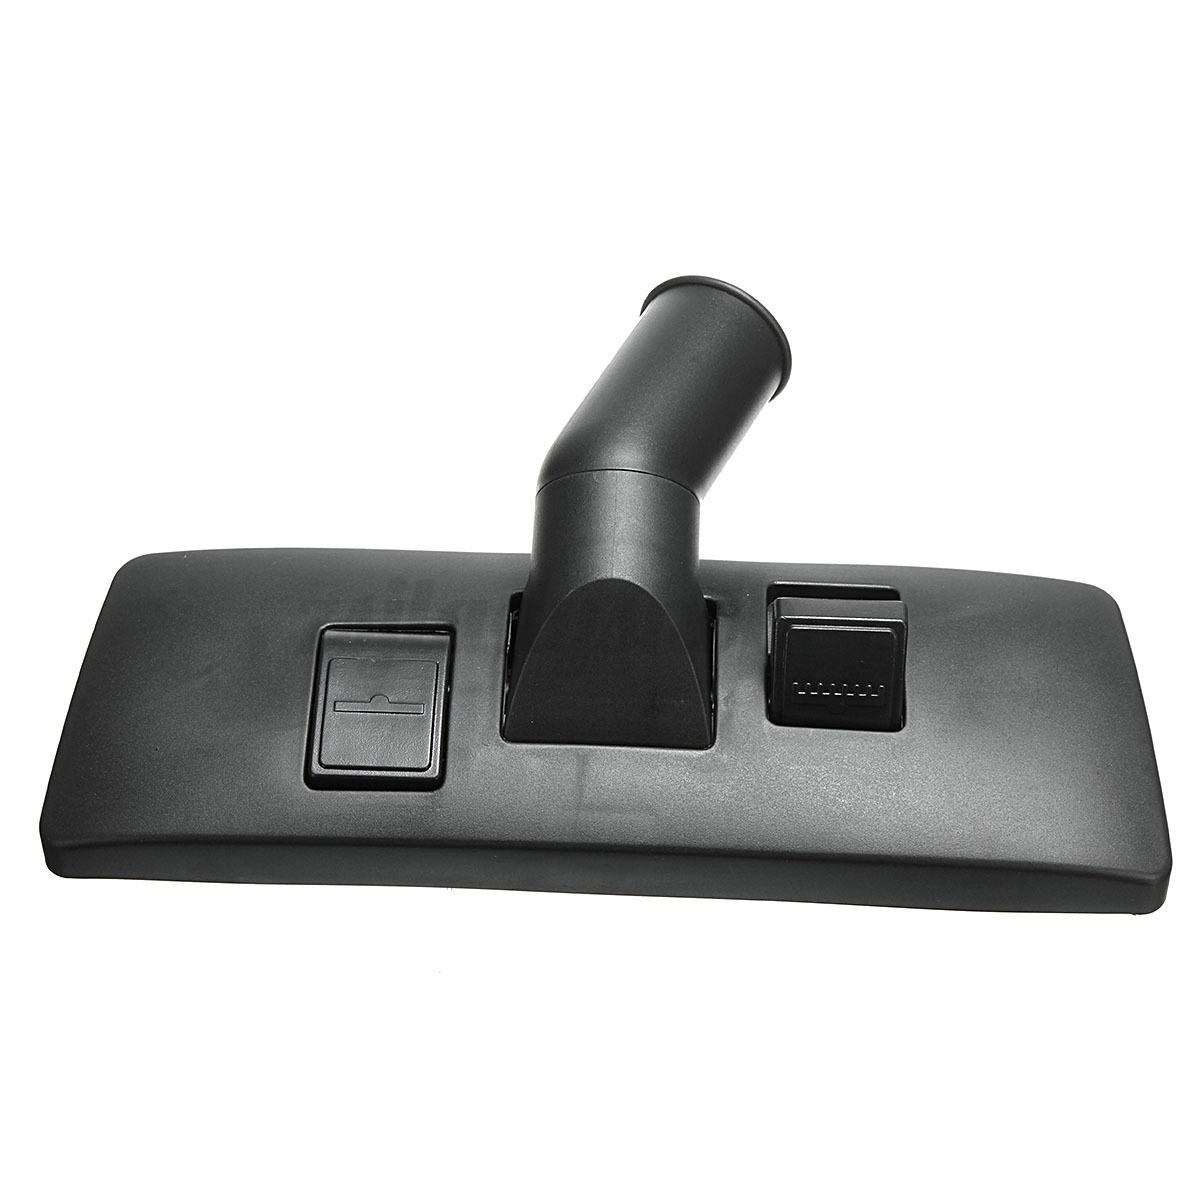 Universal vacuum cleaner mm carpet floor tool brush